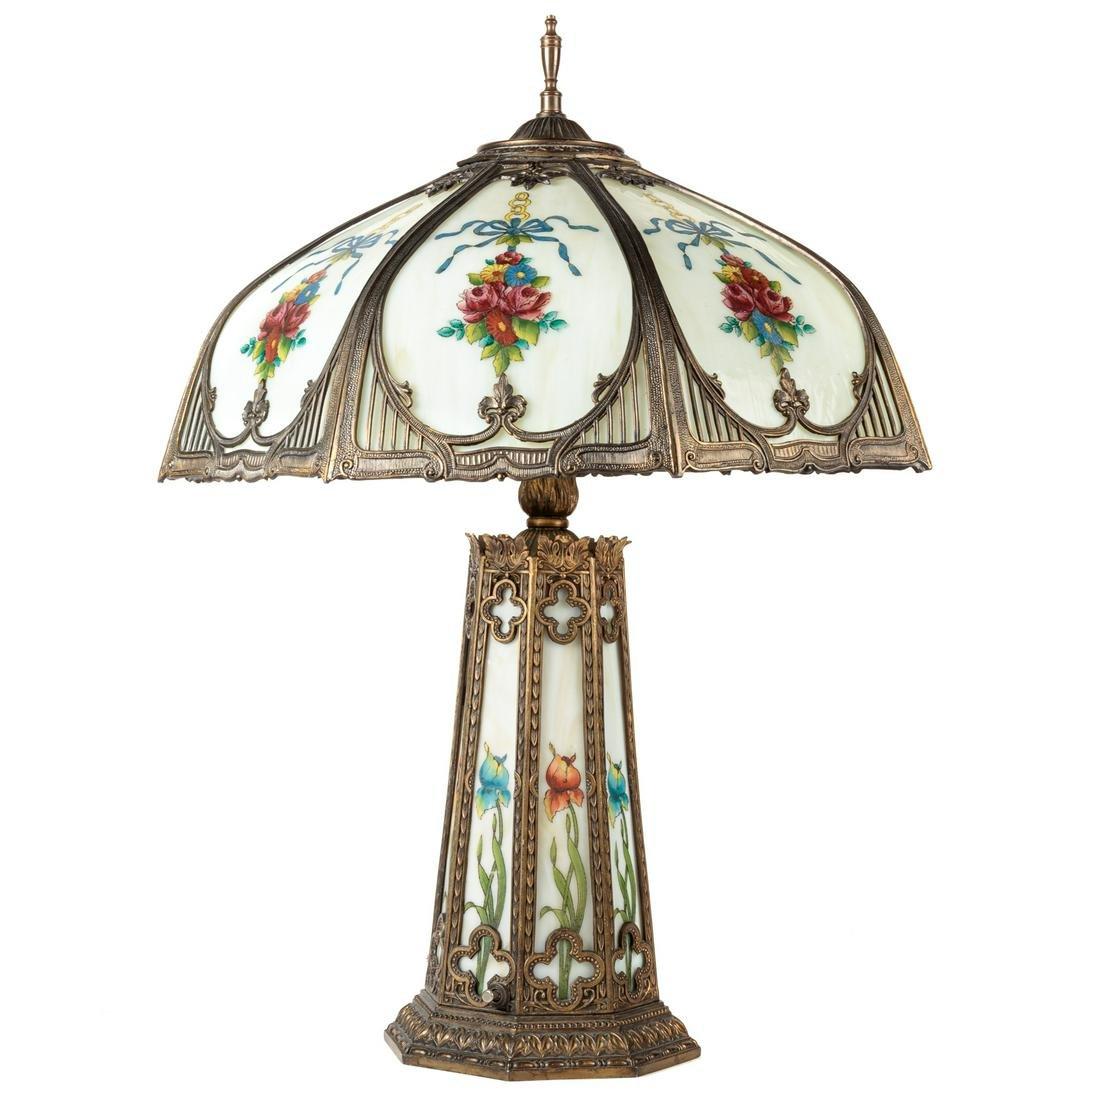 Art Nouveau Gilt Metal/Slag Glass Table Lamp